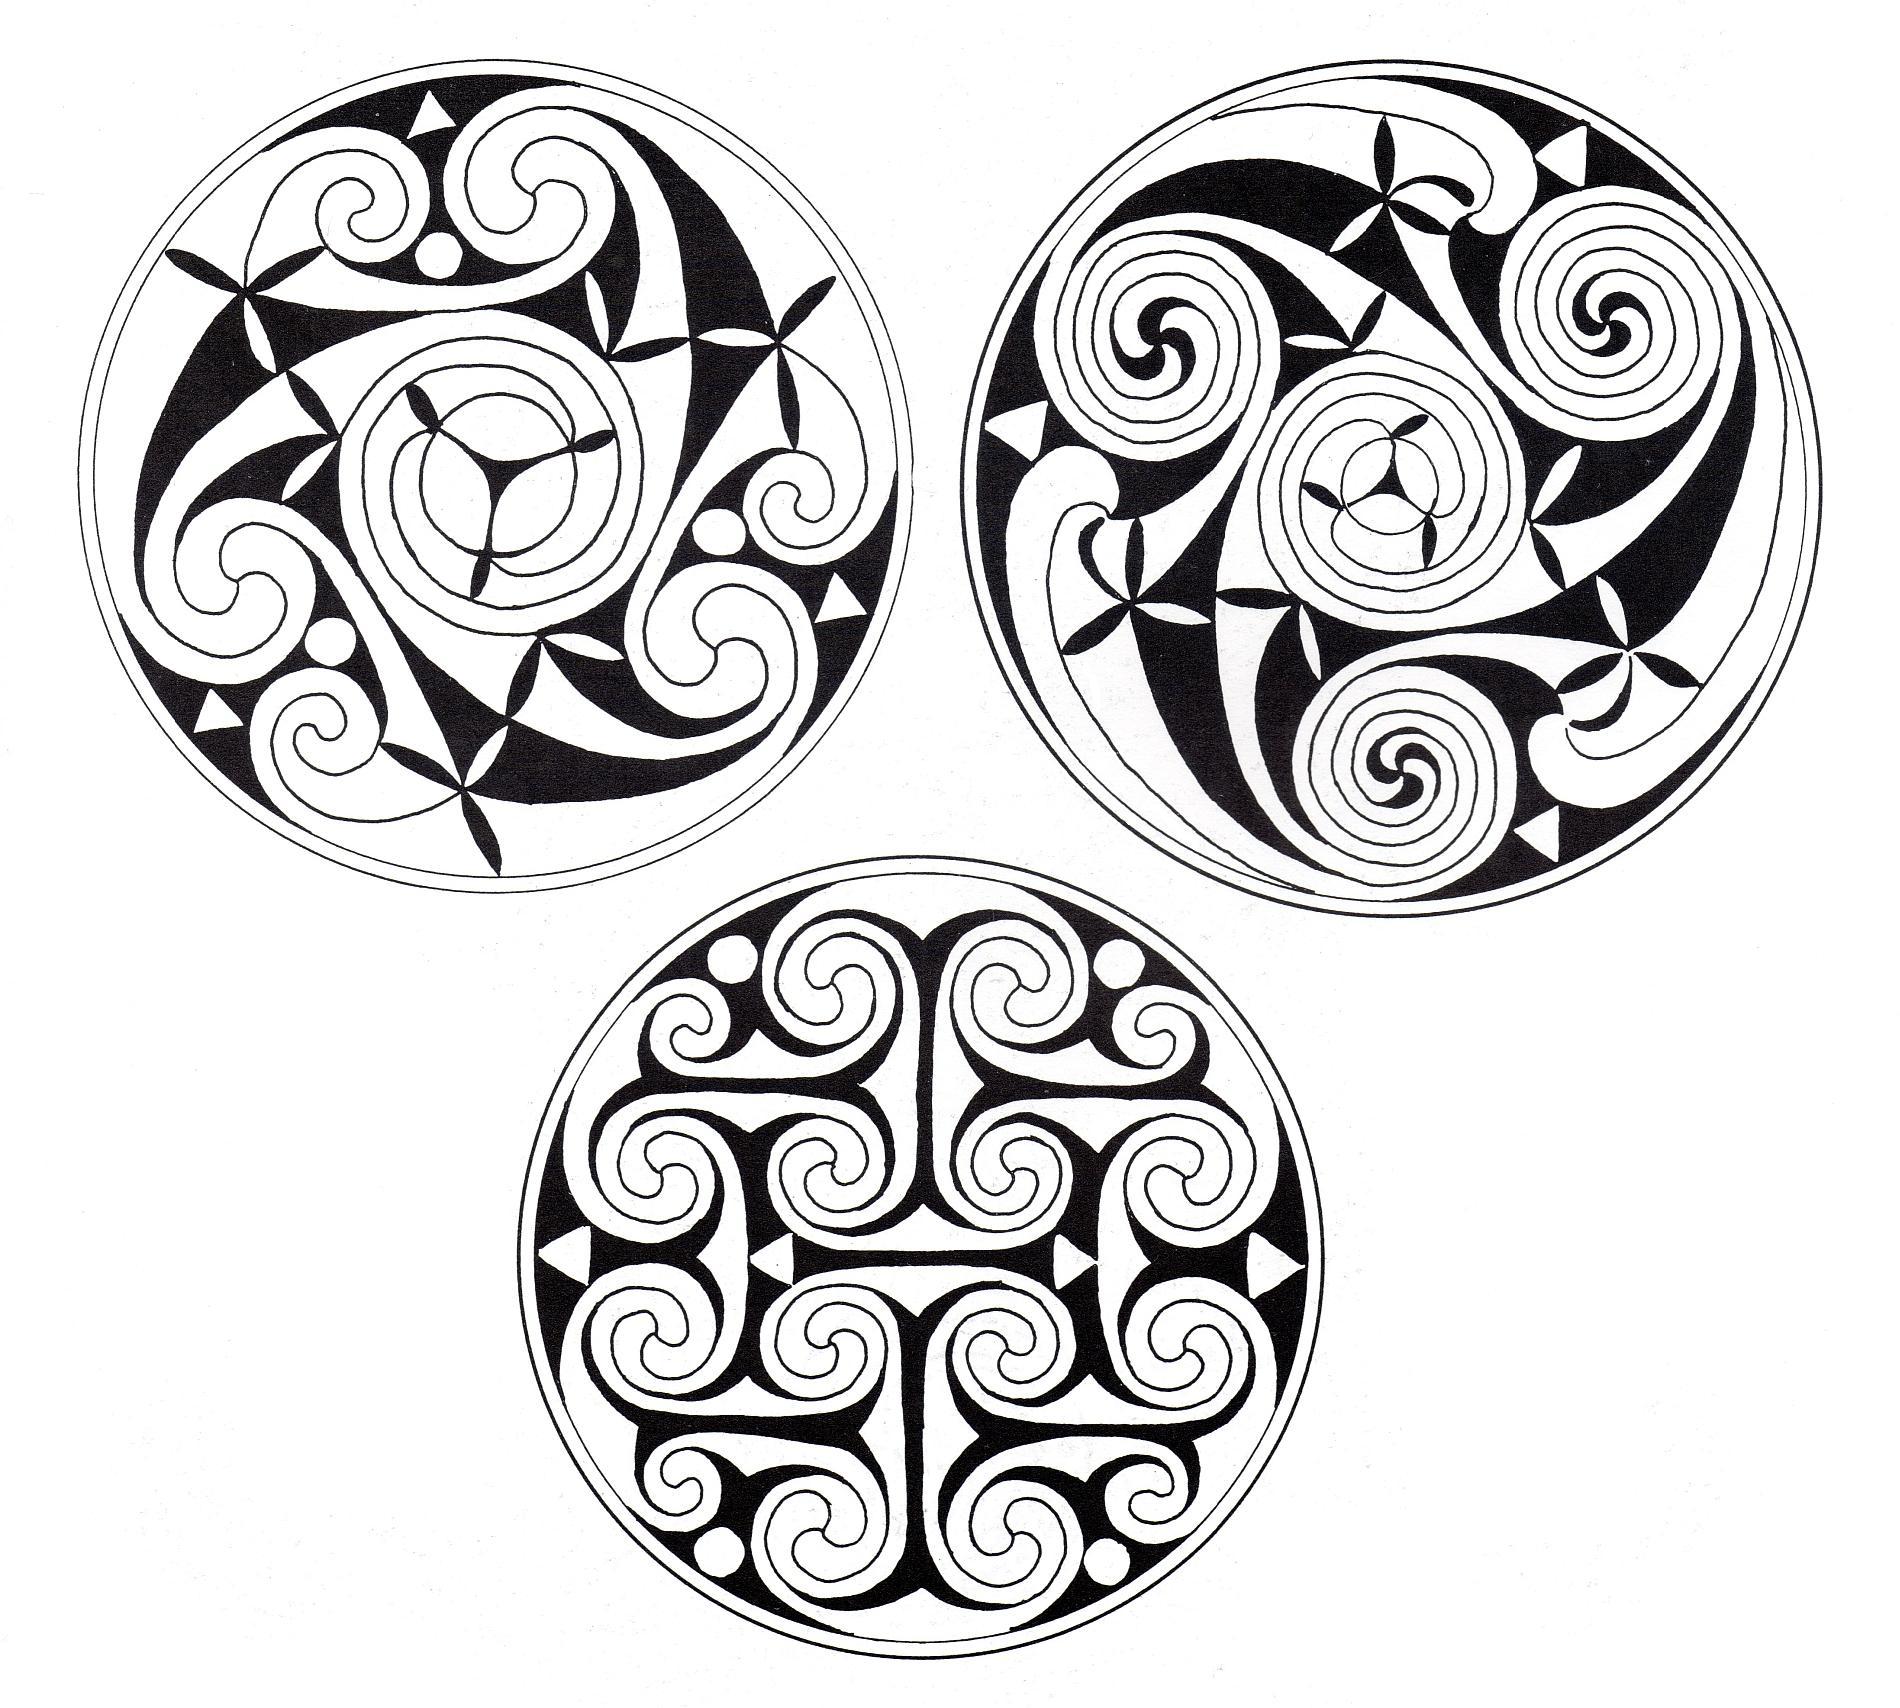 3 éléments inspirés par l'Art Celtique